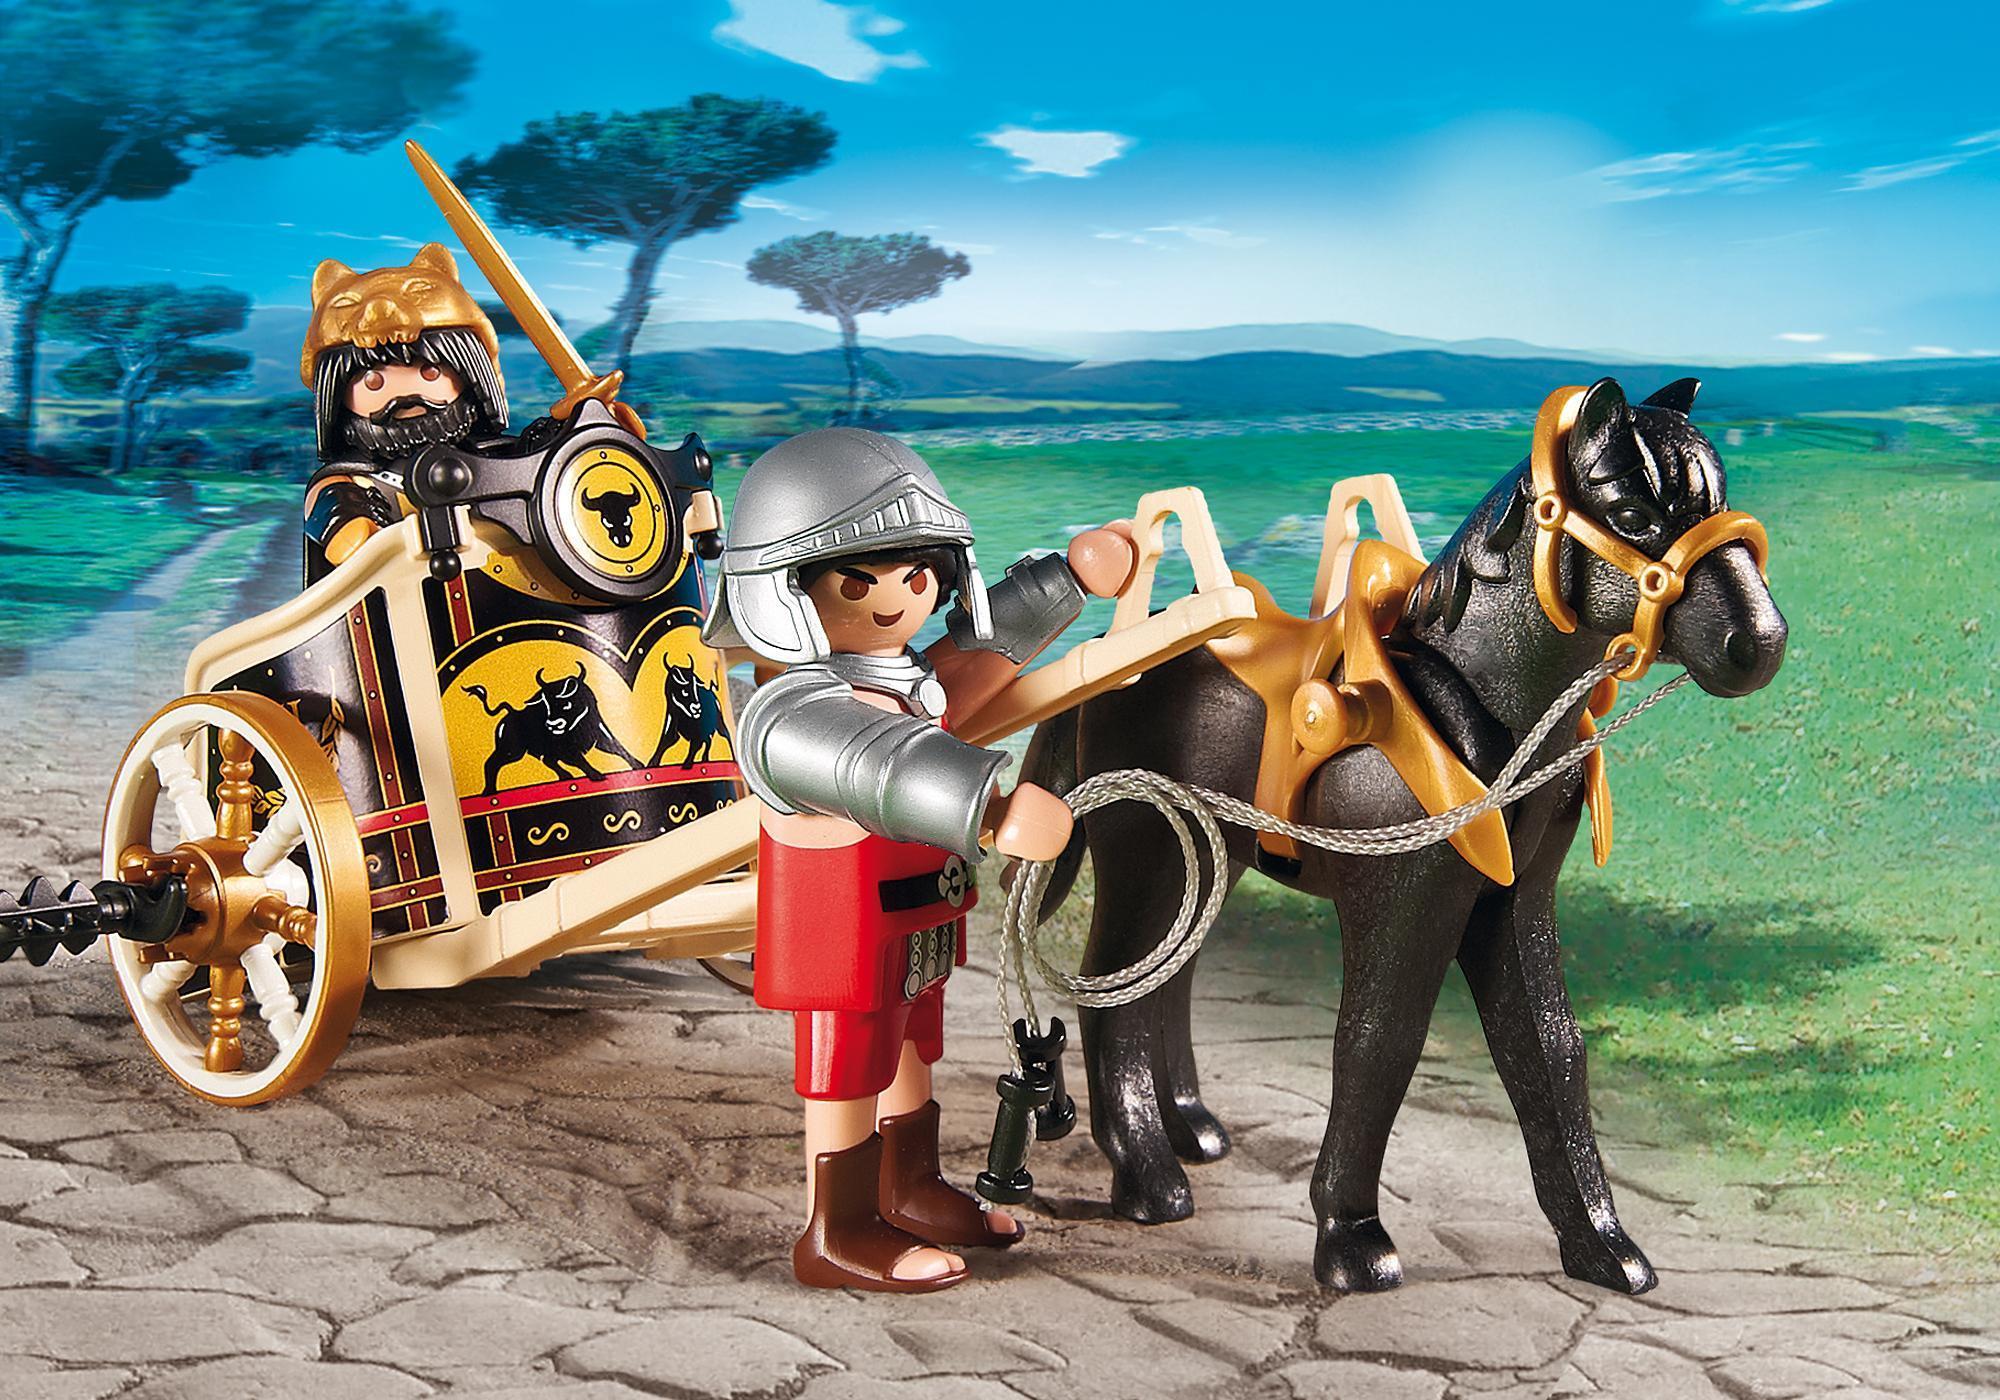 http://media.playmobil.com/i/playmobil/6868_product_extra1/Arena de Gladiadores